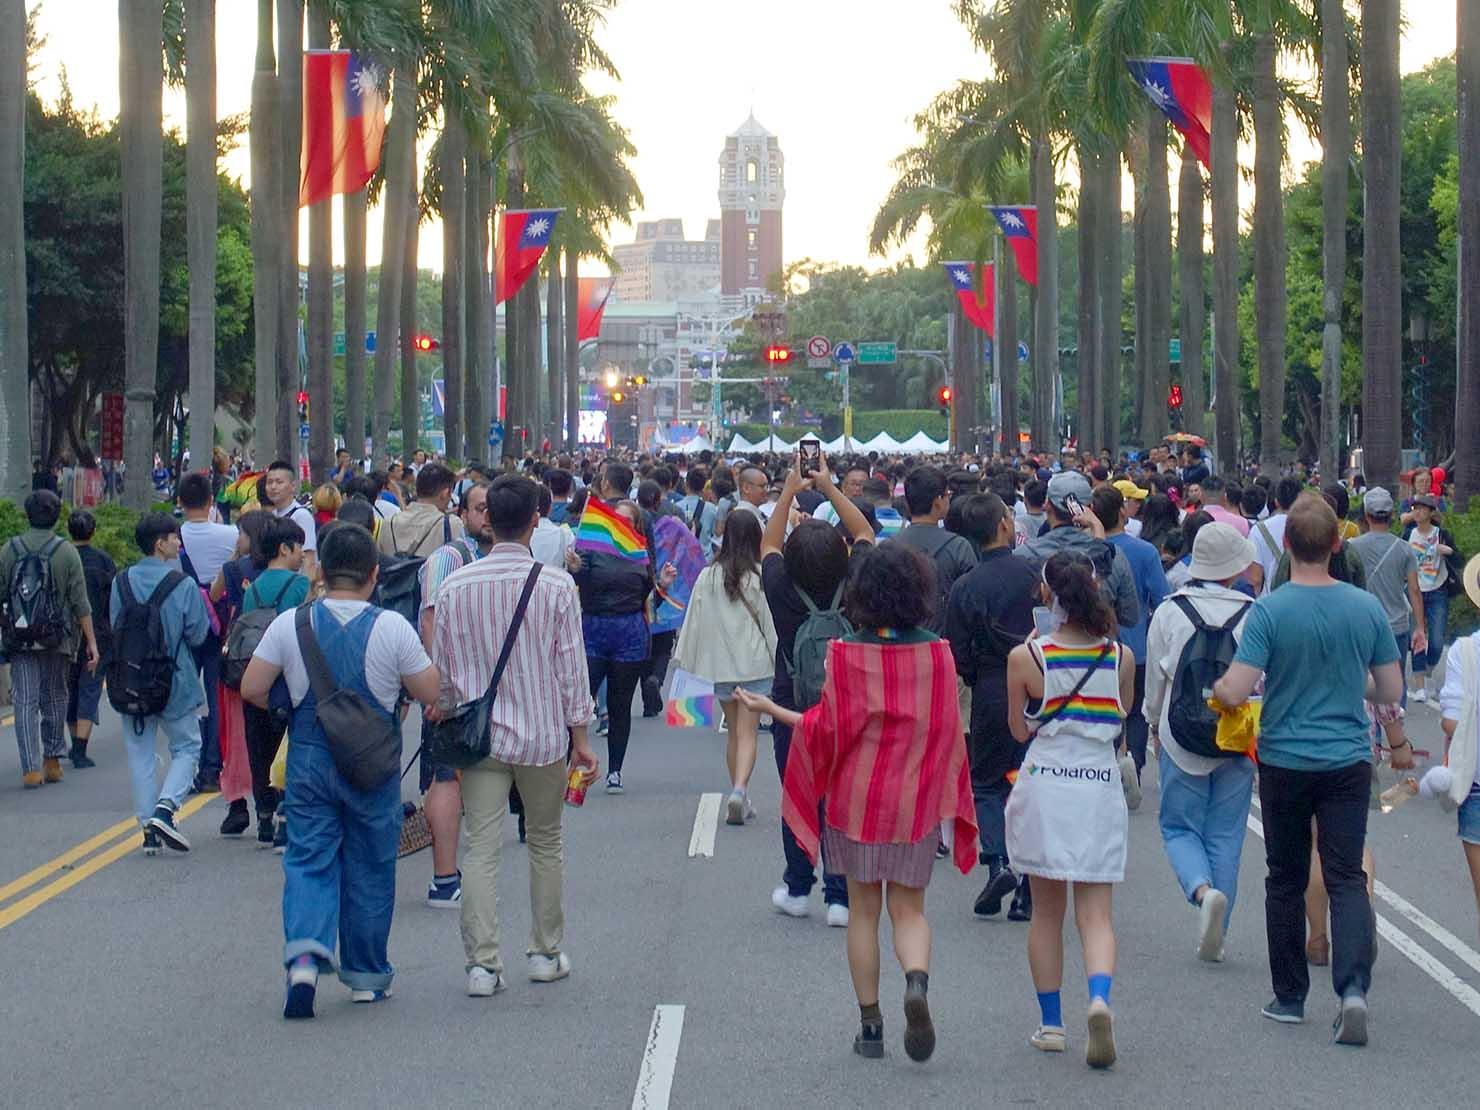 台灣同志遊行(台湾LGBTプライド)2019で總統府前に差し掛かるパレード隊列